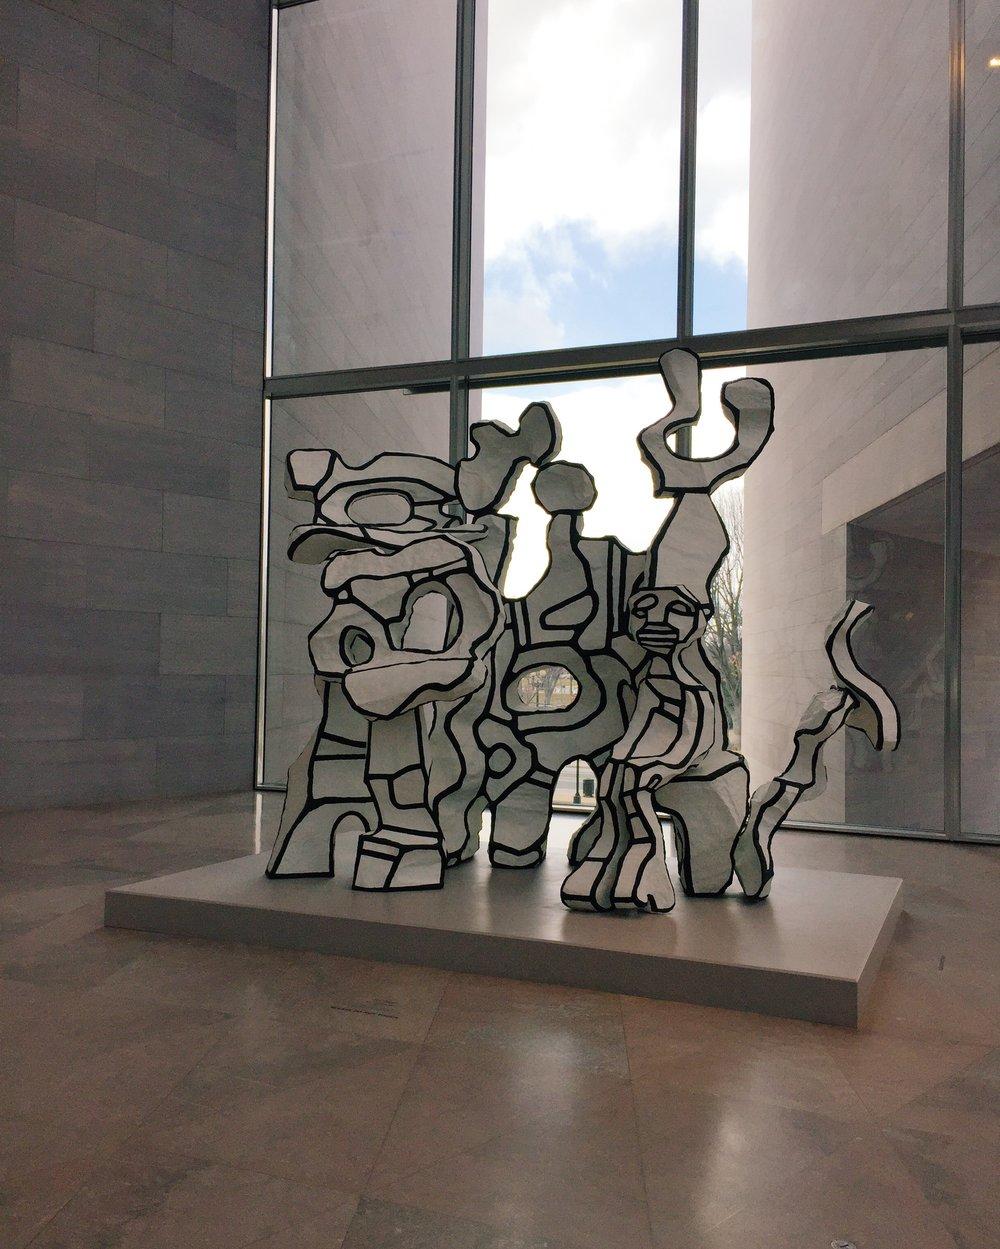 Jean Dubuffet, Site à l'homme assis